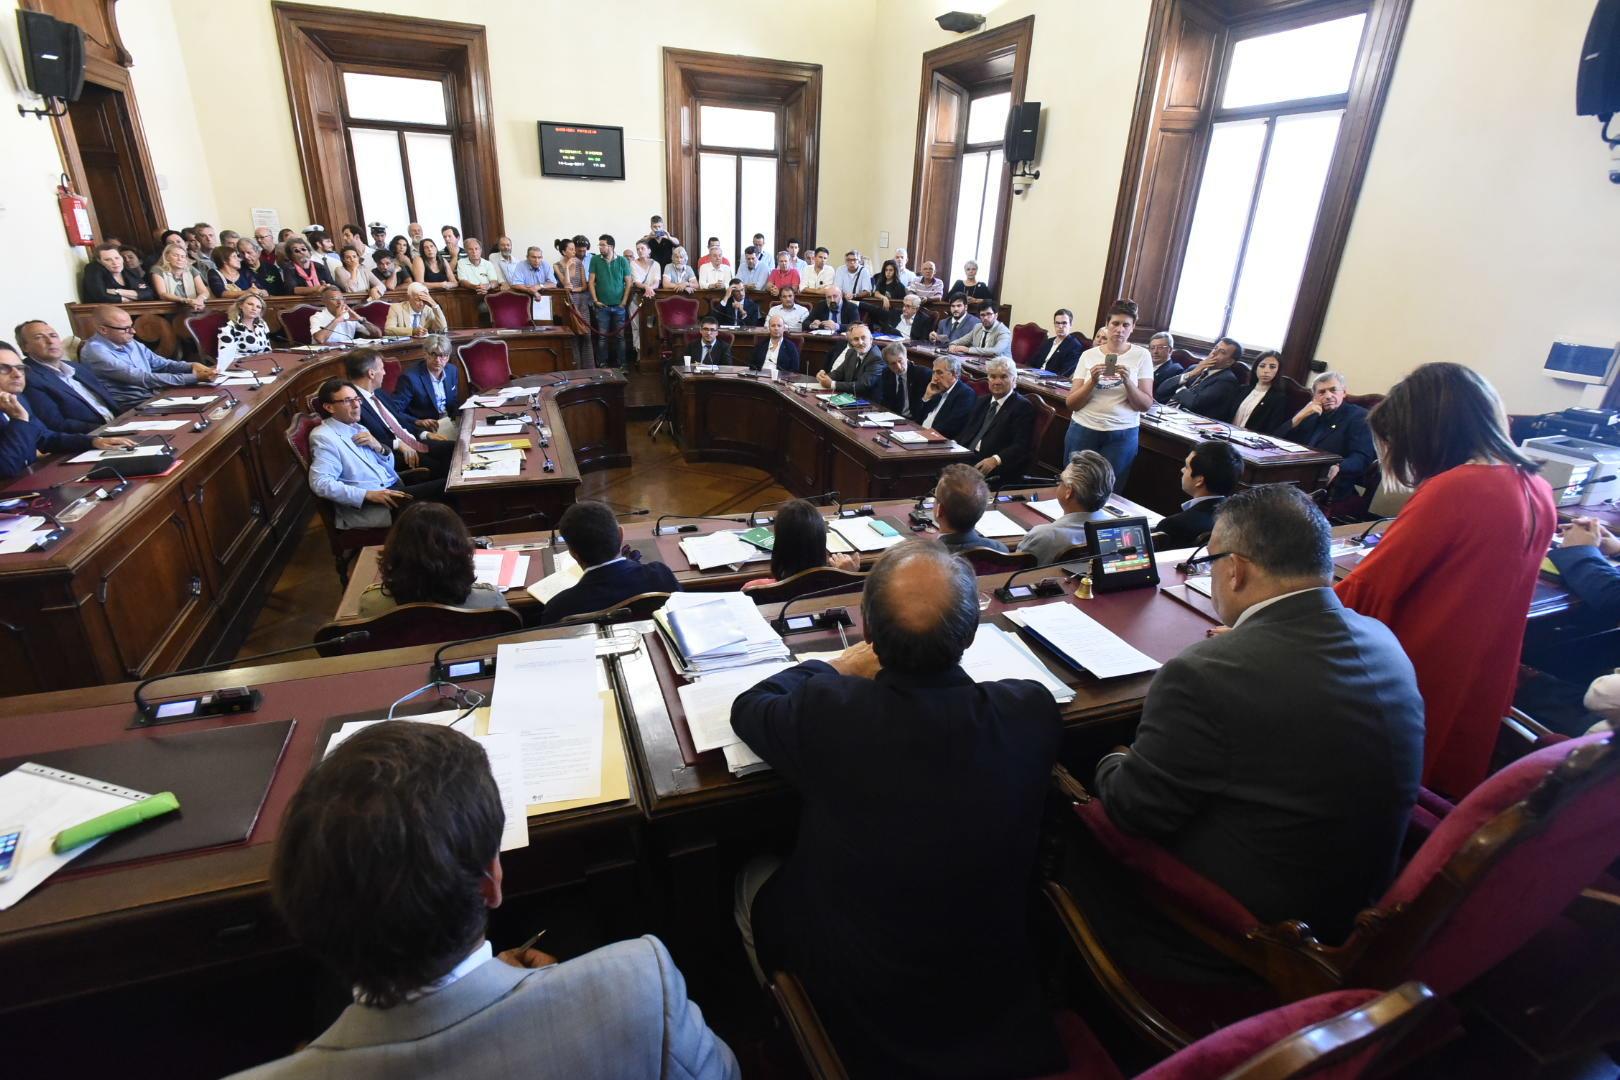 Commissioni consiliari ufficialmente costituite. Ecco come sono composte